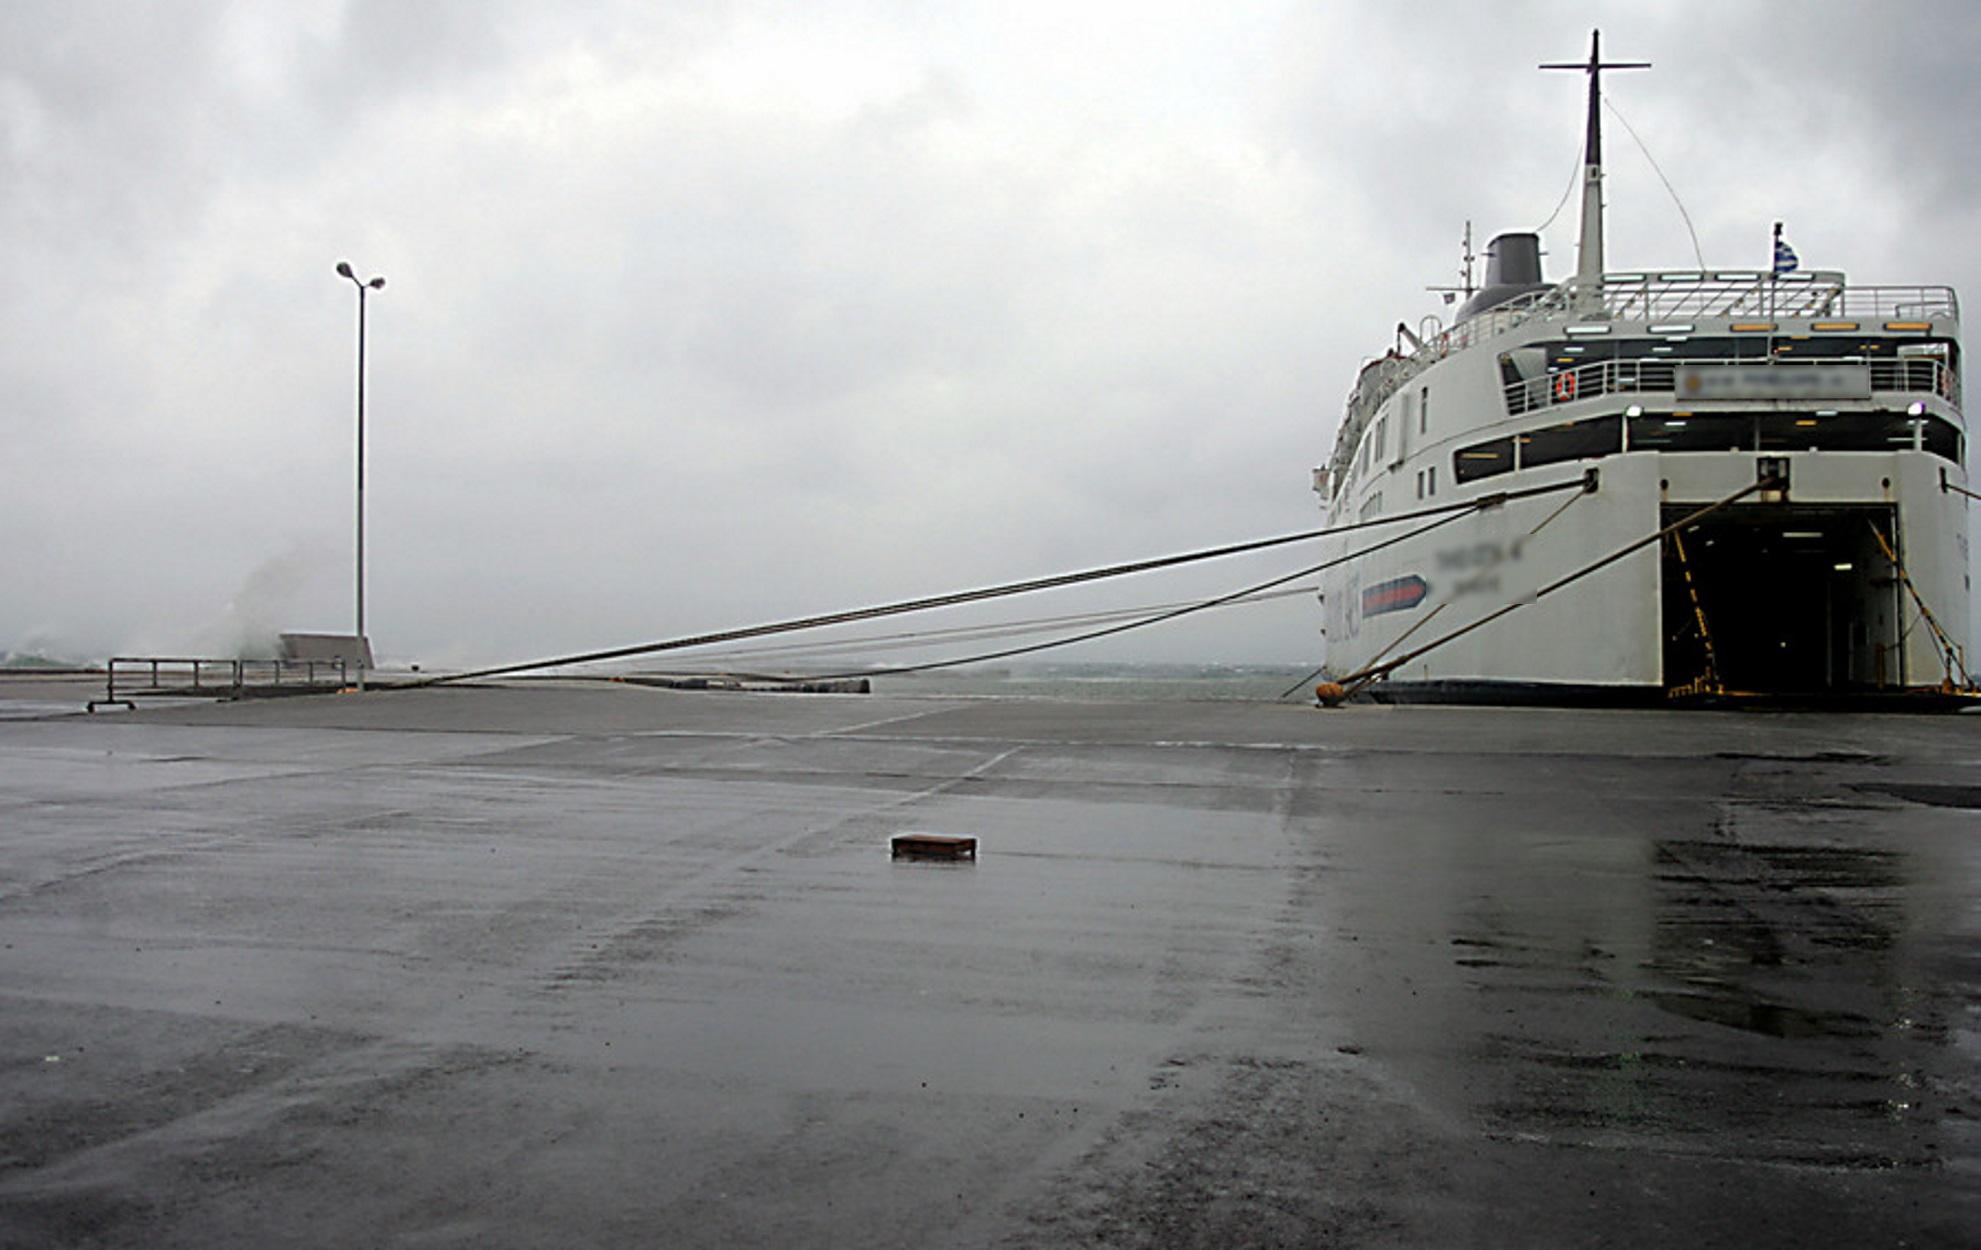 Άγκυρα ρίχνουν τα πλοία - Θυελλώδεις άνεμοι 9 μποφόρ και απαγορευτικό απόπλου στο Ιόνιο, αργότερα και στο Αιγαίο!